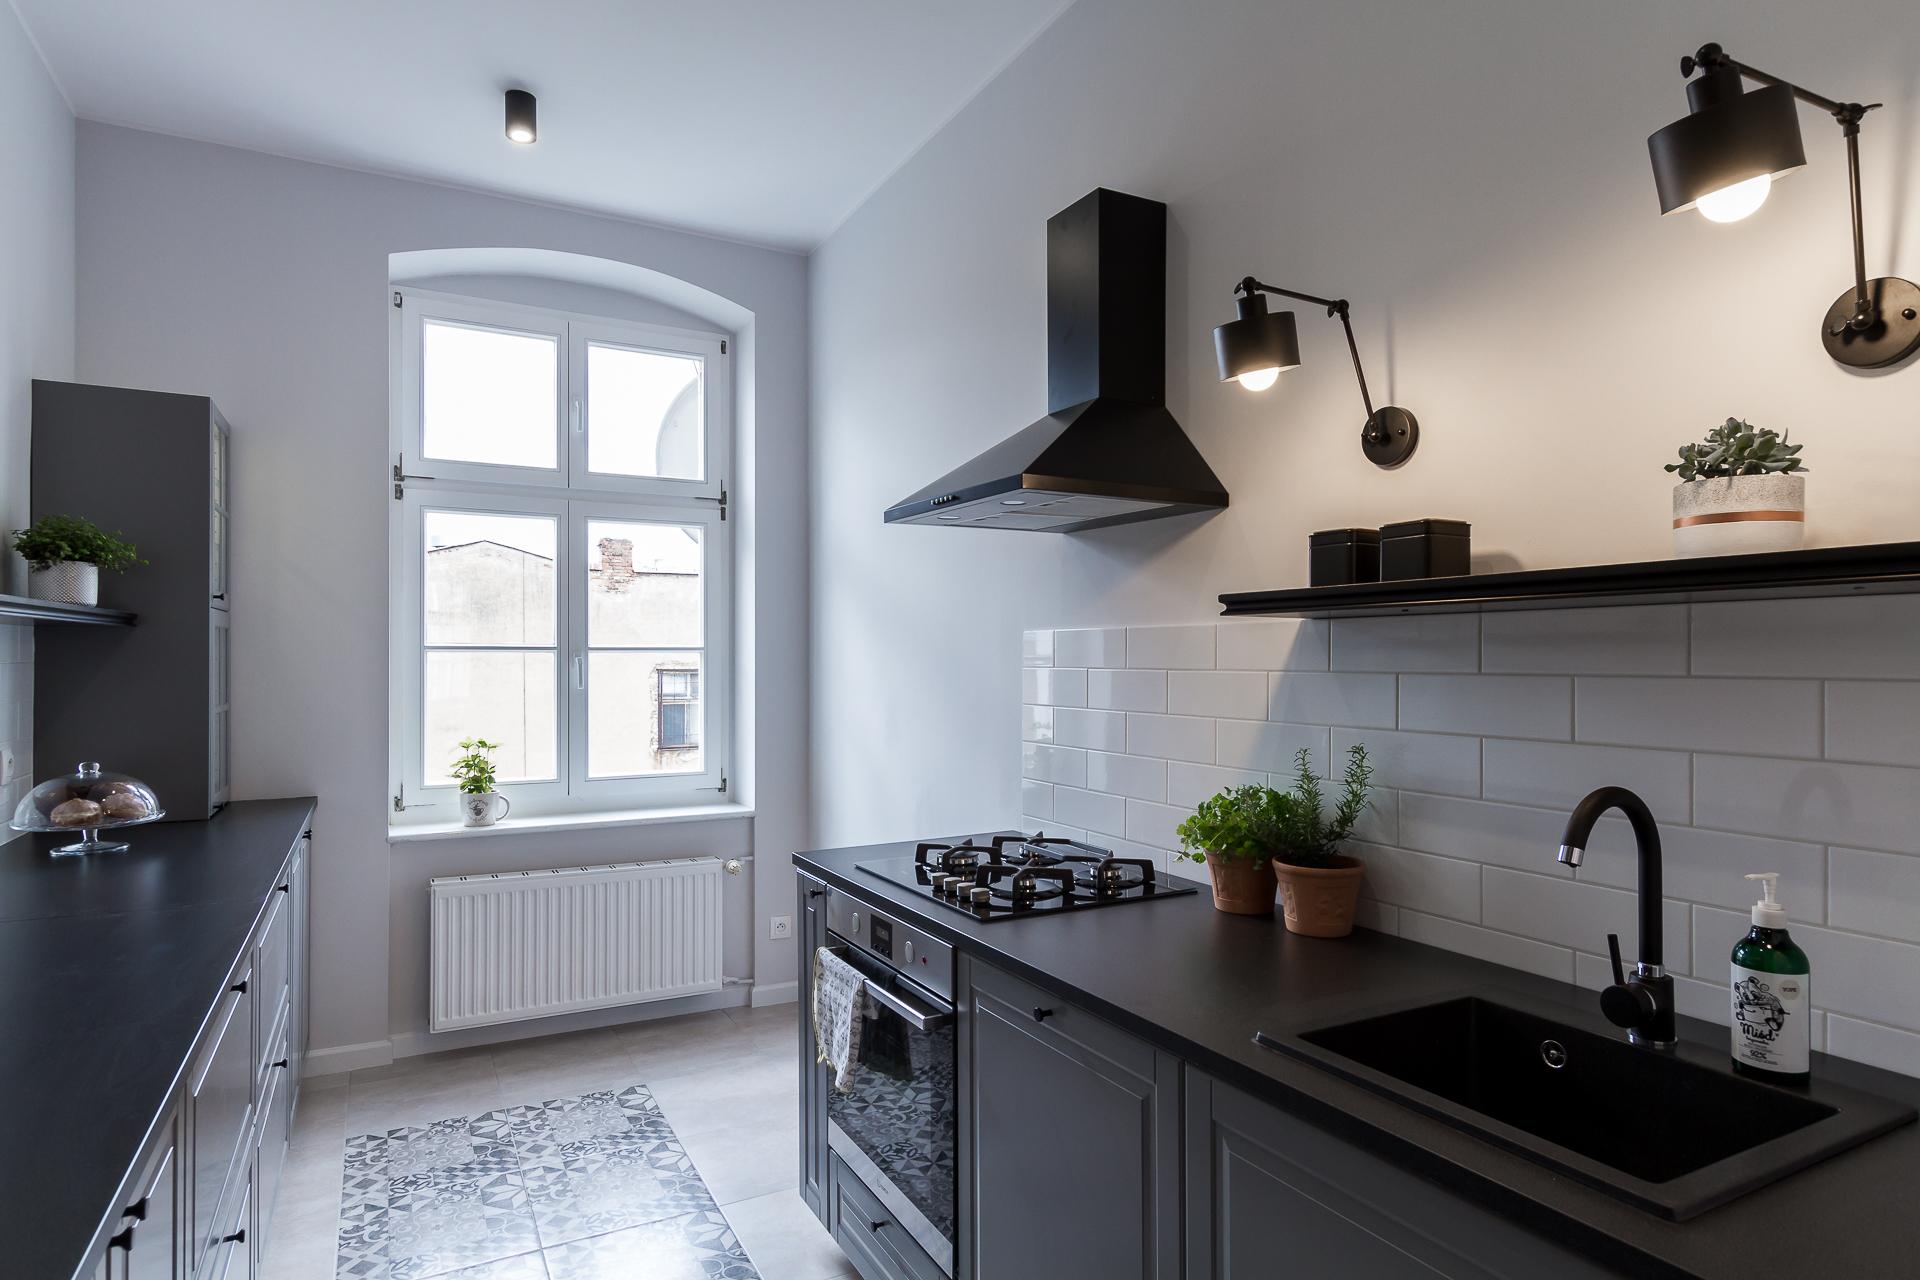 HouseStudio projektowanie wnętrz, home staging | Poznań